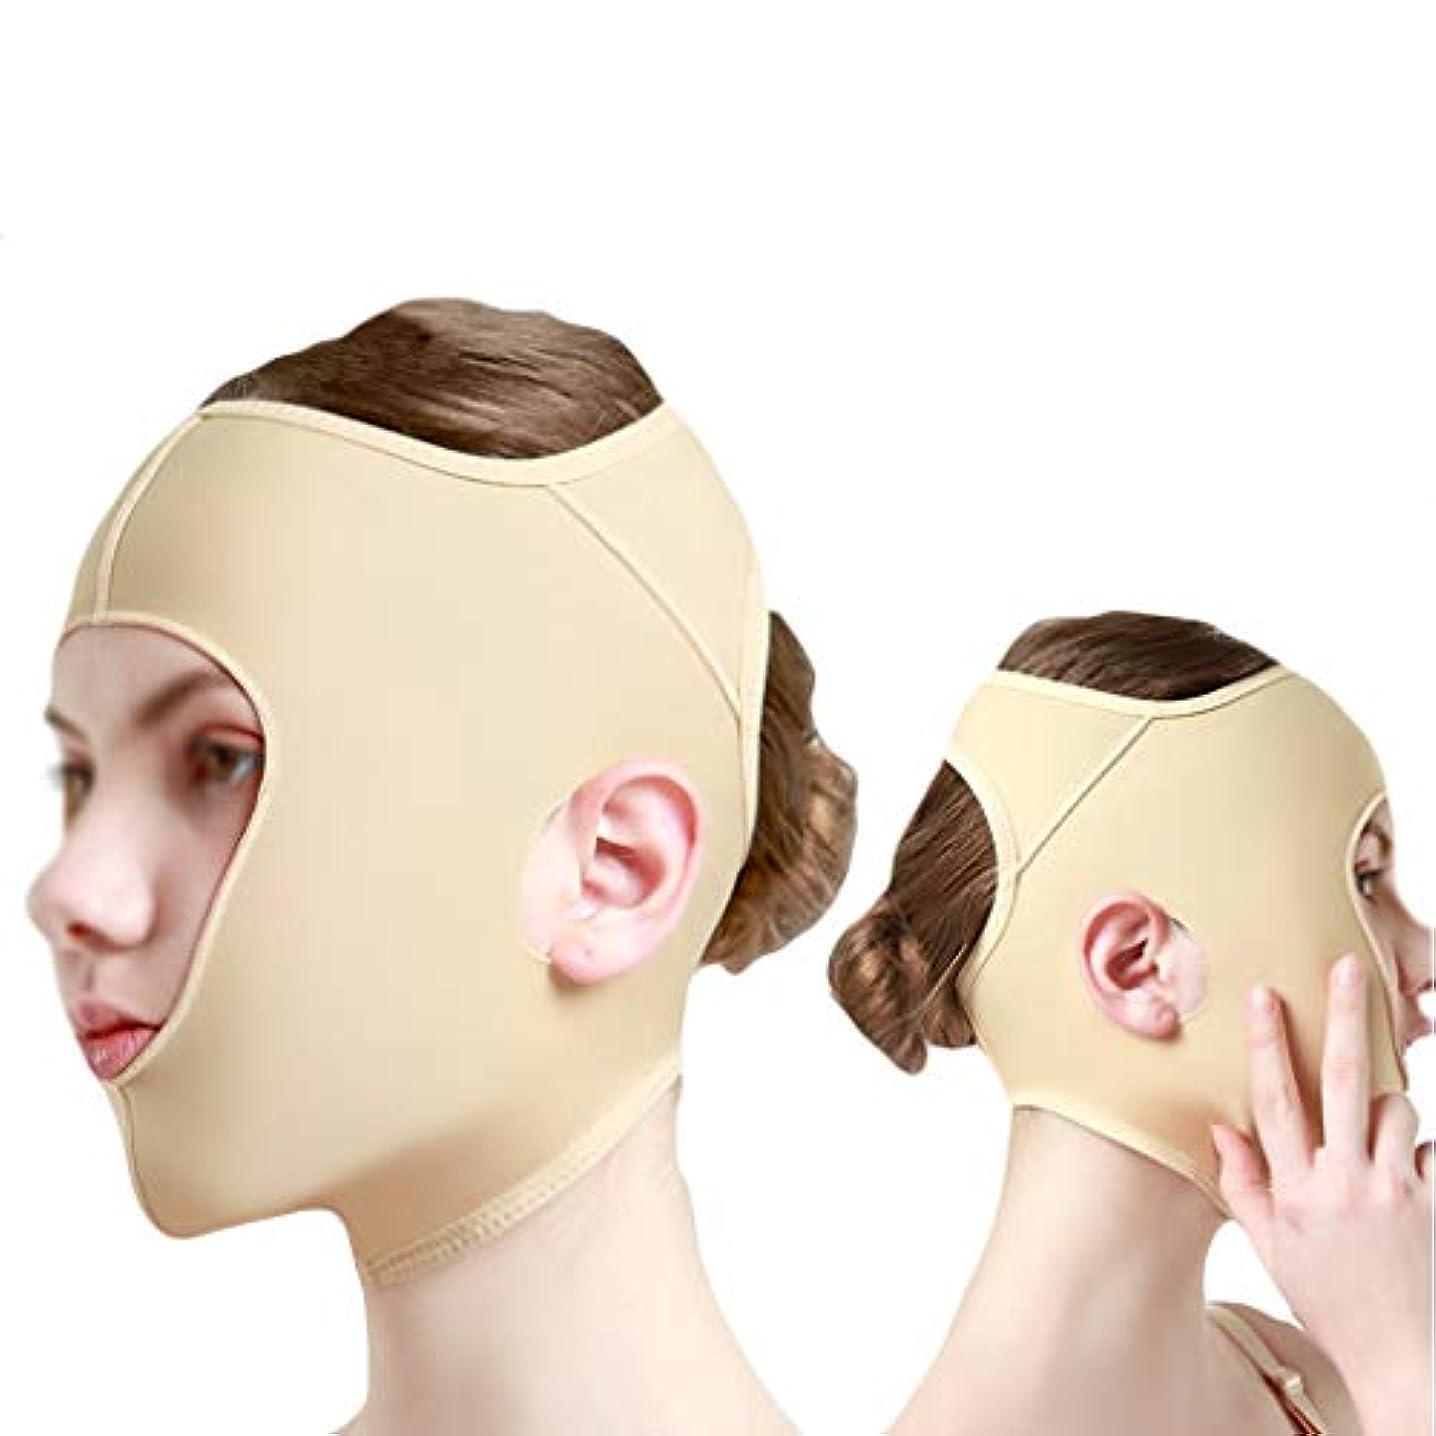 カウンターパート反乱エジプト顔の彫刻ツール、脂肪吸引フード、二重あご包帯、ストレッチマスク (Size : S)